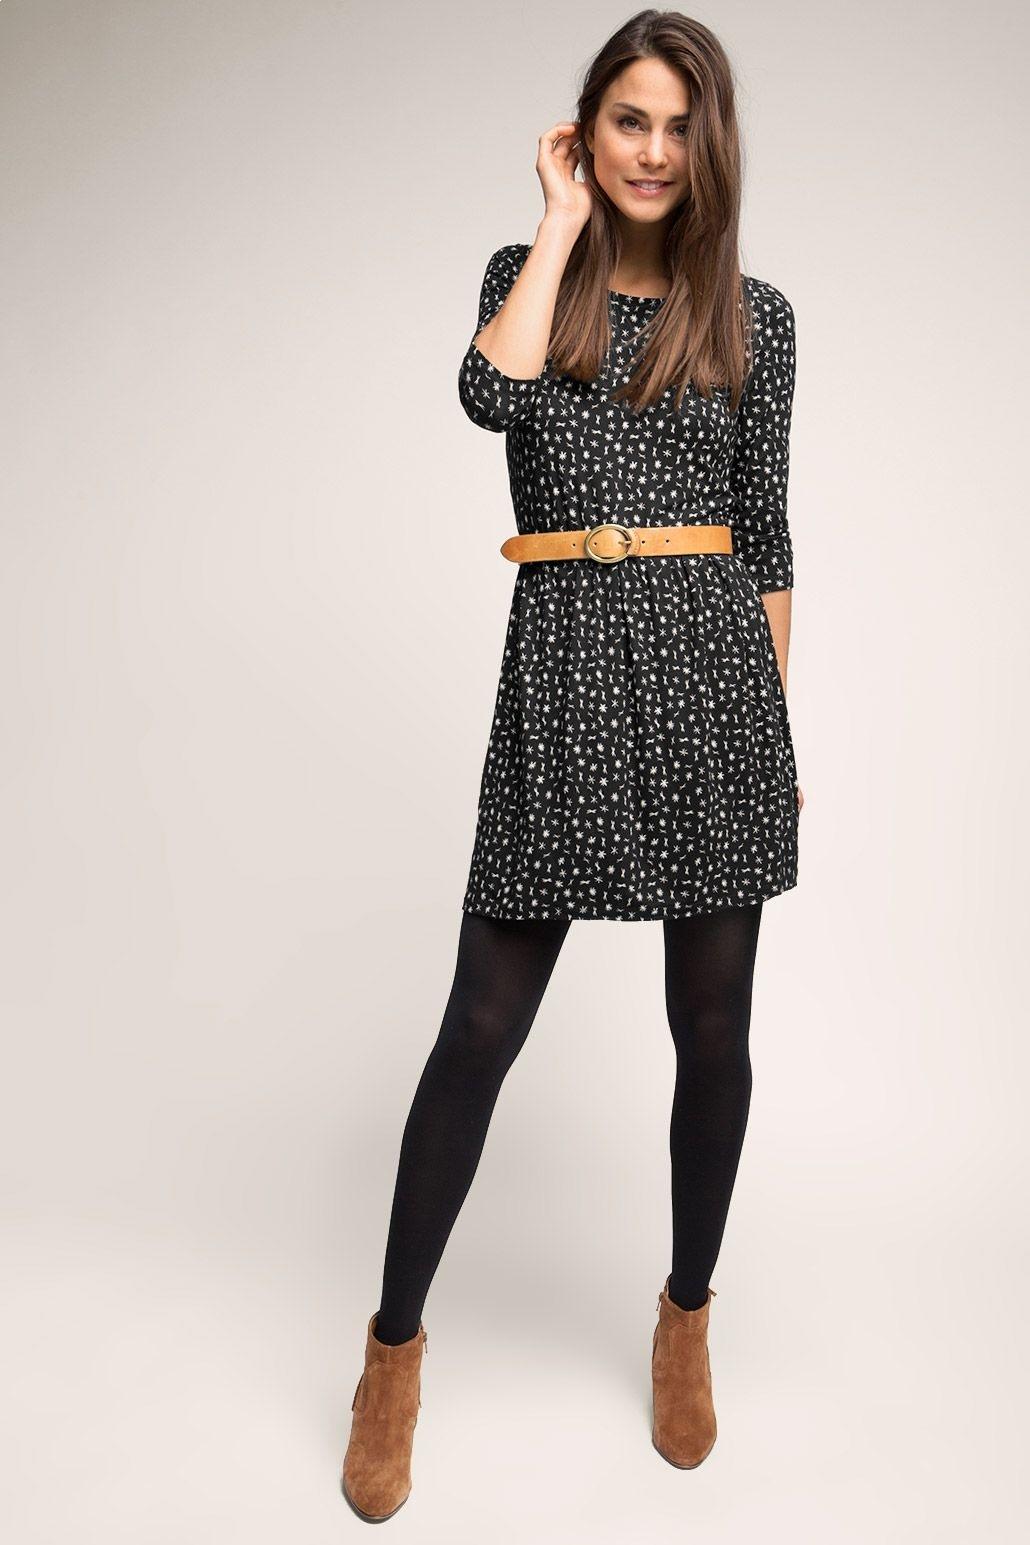 13 Spektakulär Schickes Kleid Winter Design Erstaunlich Schickes Kleid Winter Stylish